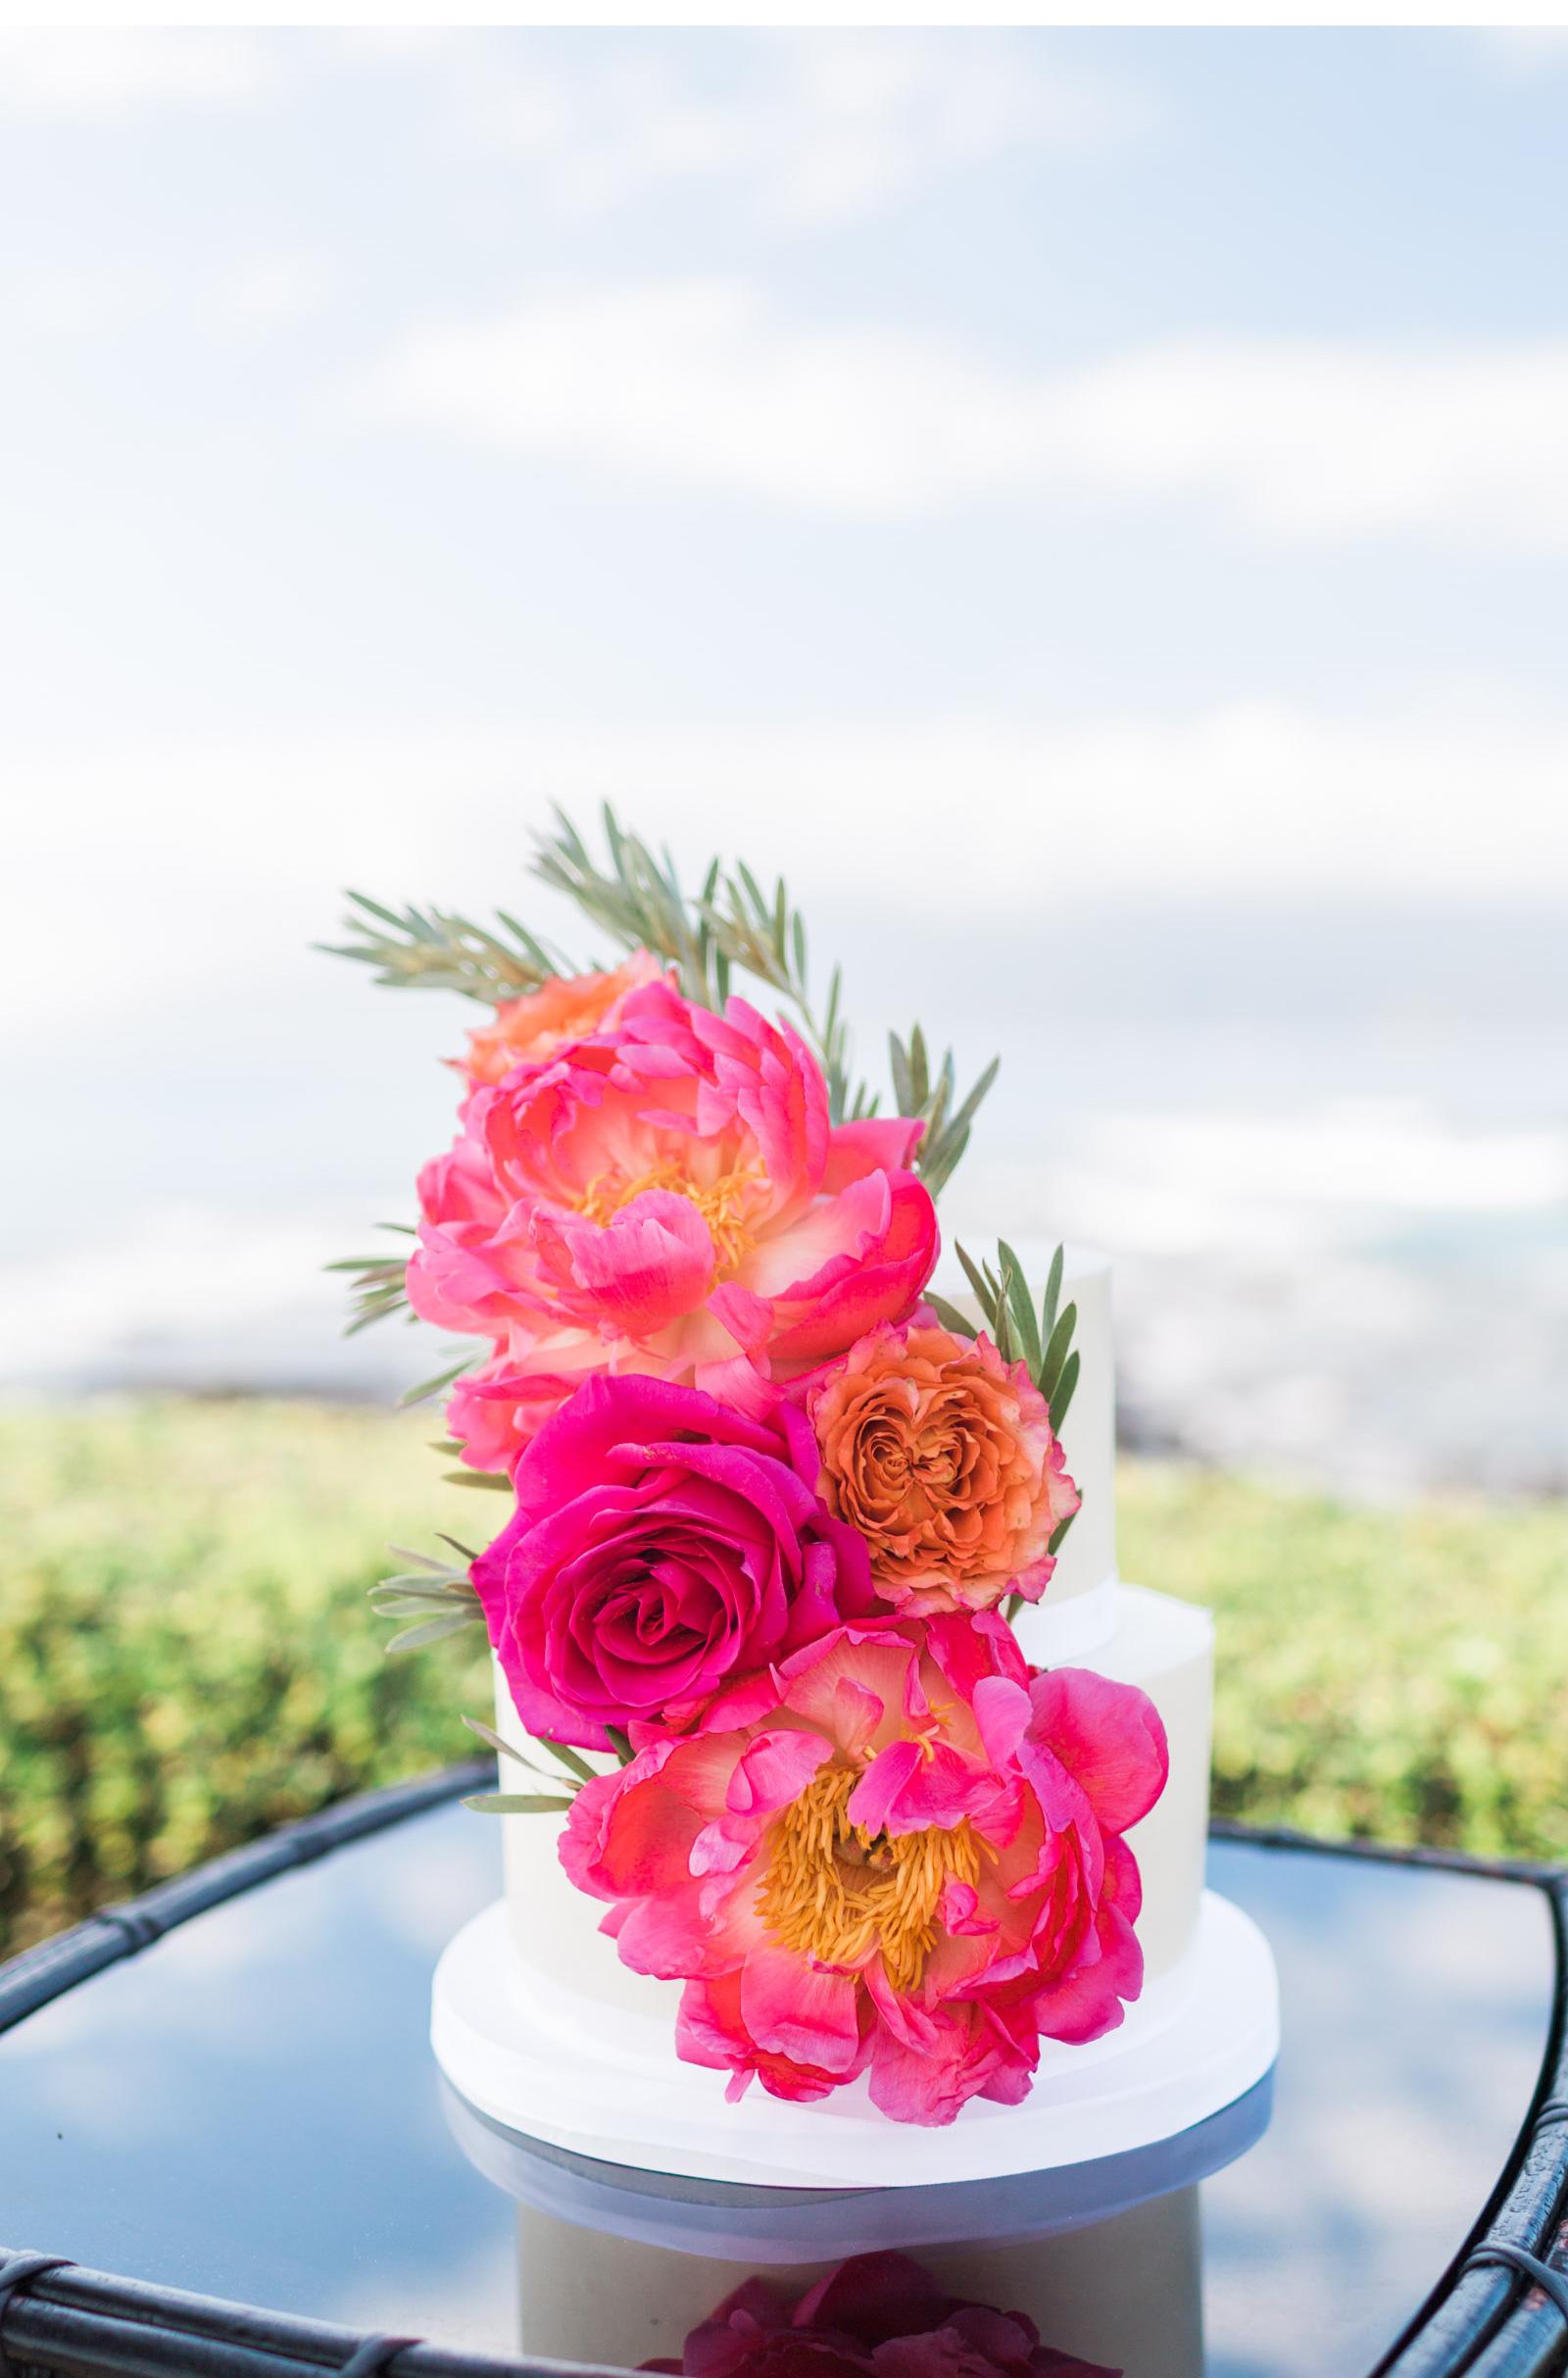 Natalie-Schutt-Photography--Maui-Green-Wedding-Shoes_01.jpg